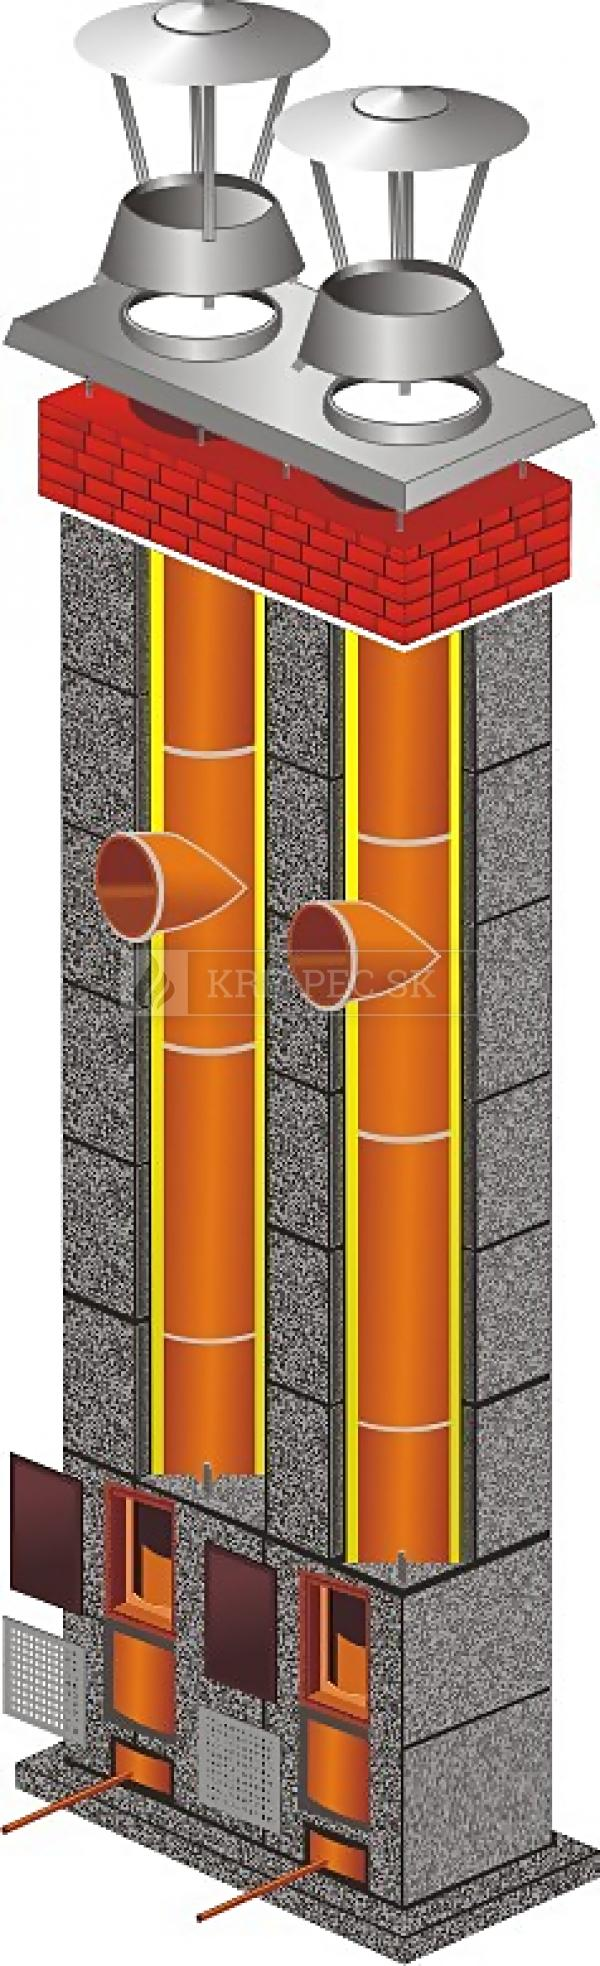 Stadreko - Dvojprieduchový komínový systém s vatou Ø 160 / Ø 160 krb-pec